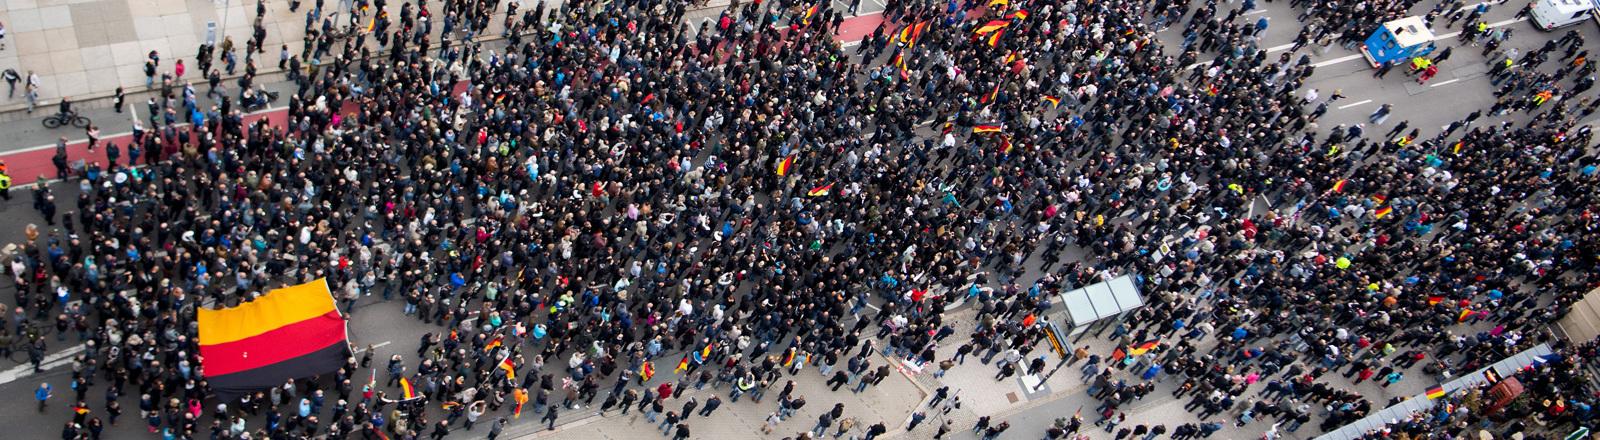 Proteste in Chemnitz am 01.09.2018. Teilnehmer der Demonstration von AfD und dem ausländerfeindlichen Bündnis Pegida, der sich auch die Teilnehmer der Kundgebung der rechtspopulistischen Bürgerbewegung Pro Chemnitz angeschlossen haben, ziehen durch die Stadt.